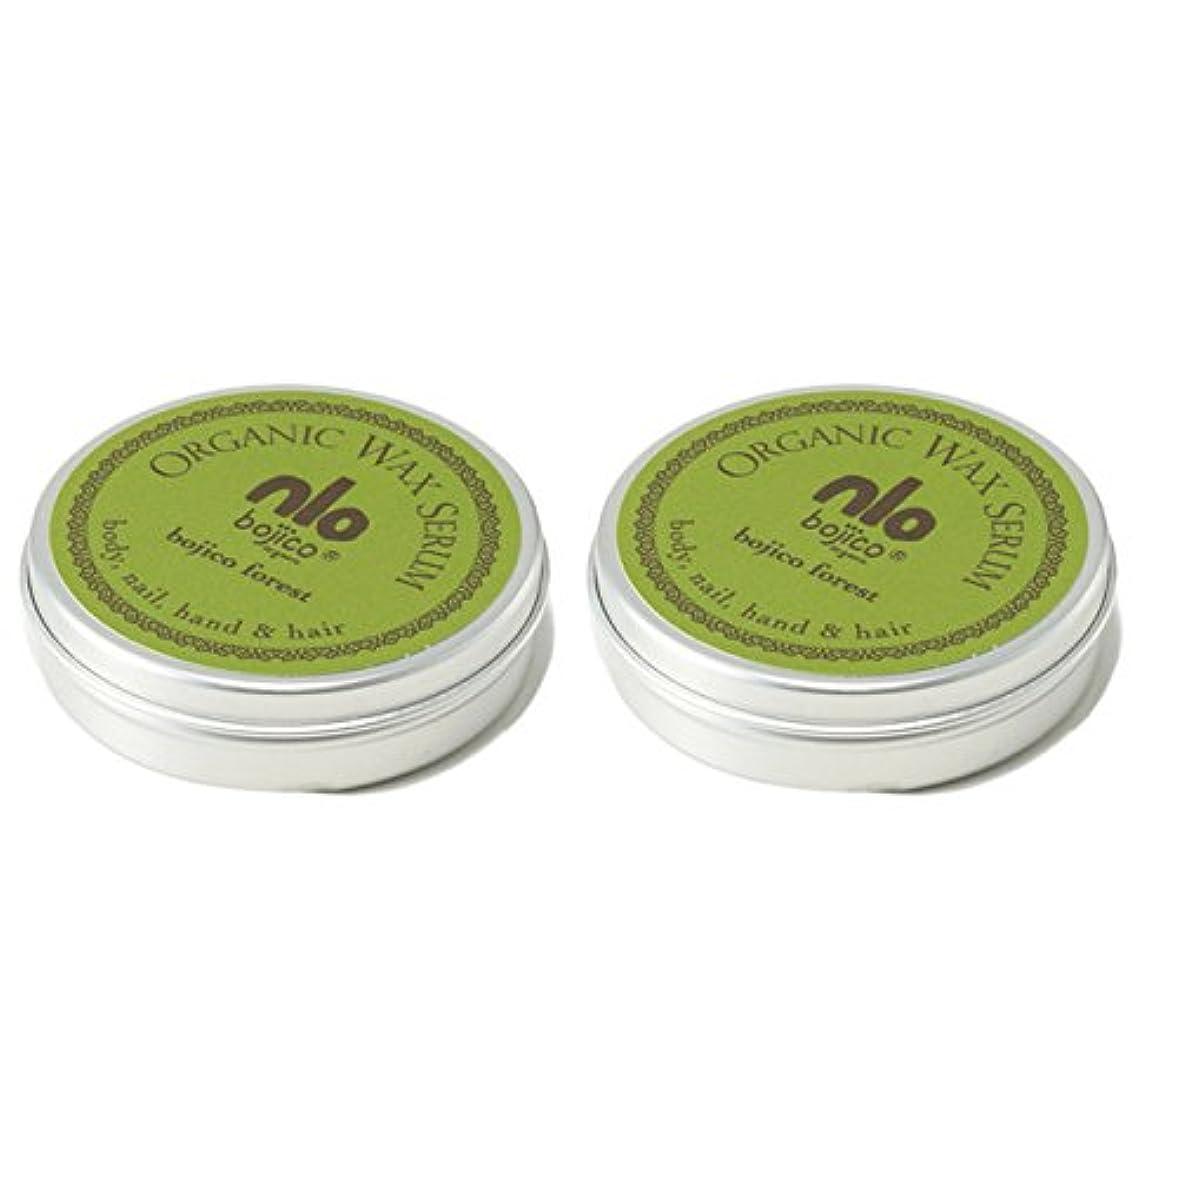 電卓任命するクリップ【40g×2個セット】 ボジコ オーガニック ワックス セラム <フォレスト> bojico Organic Wax Serum 40g×2